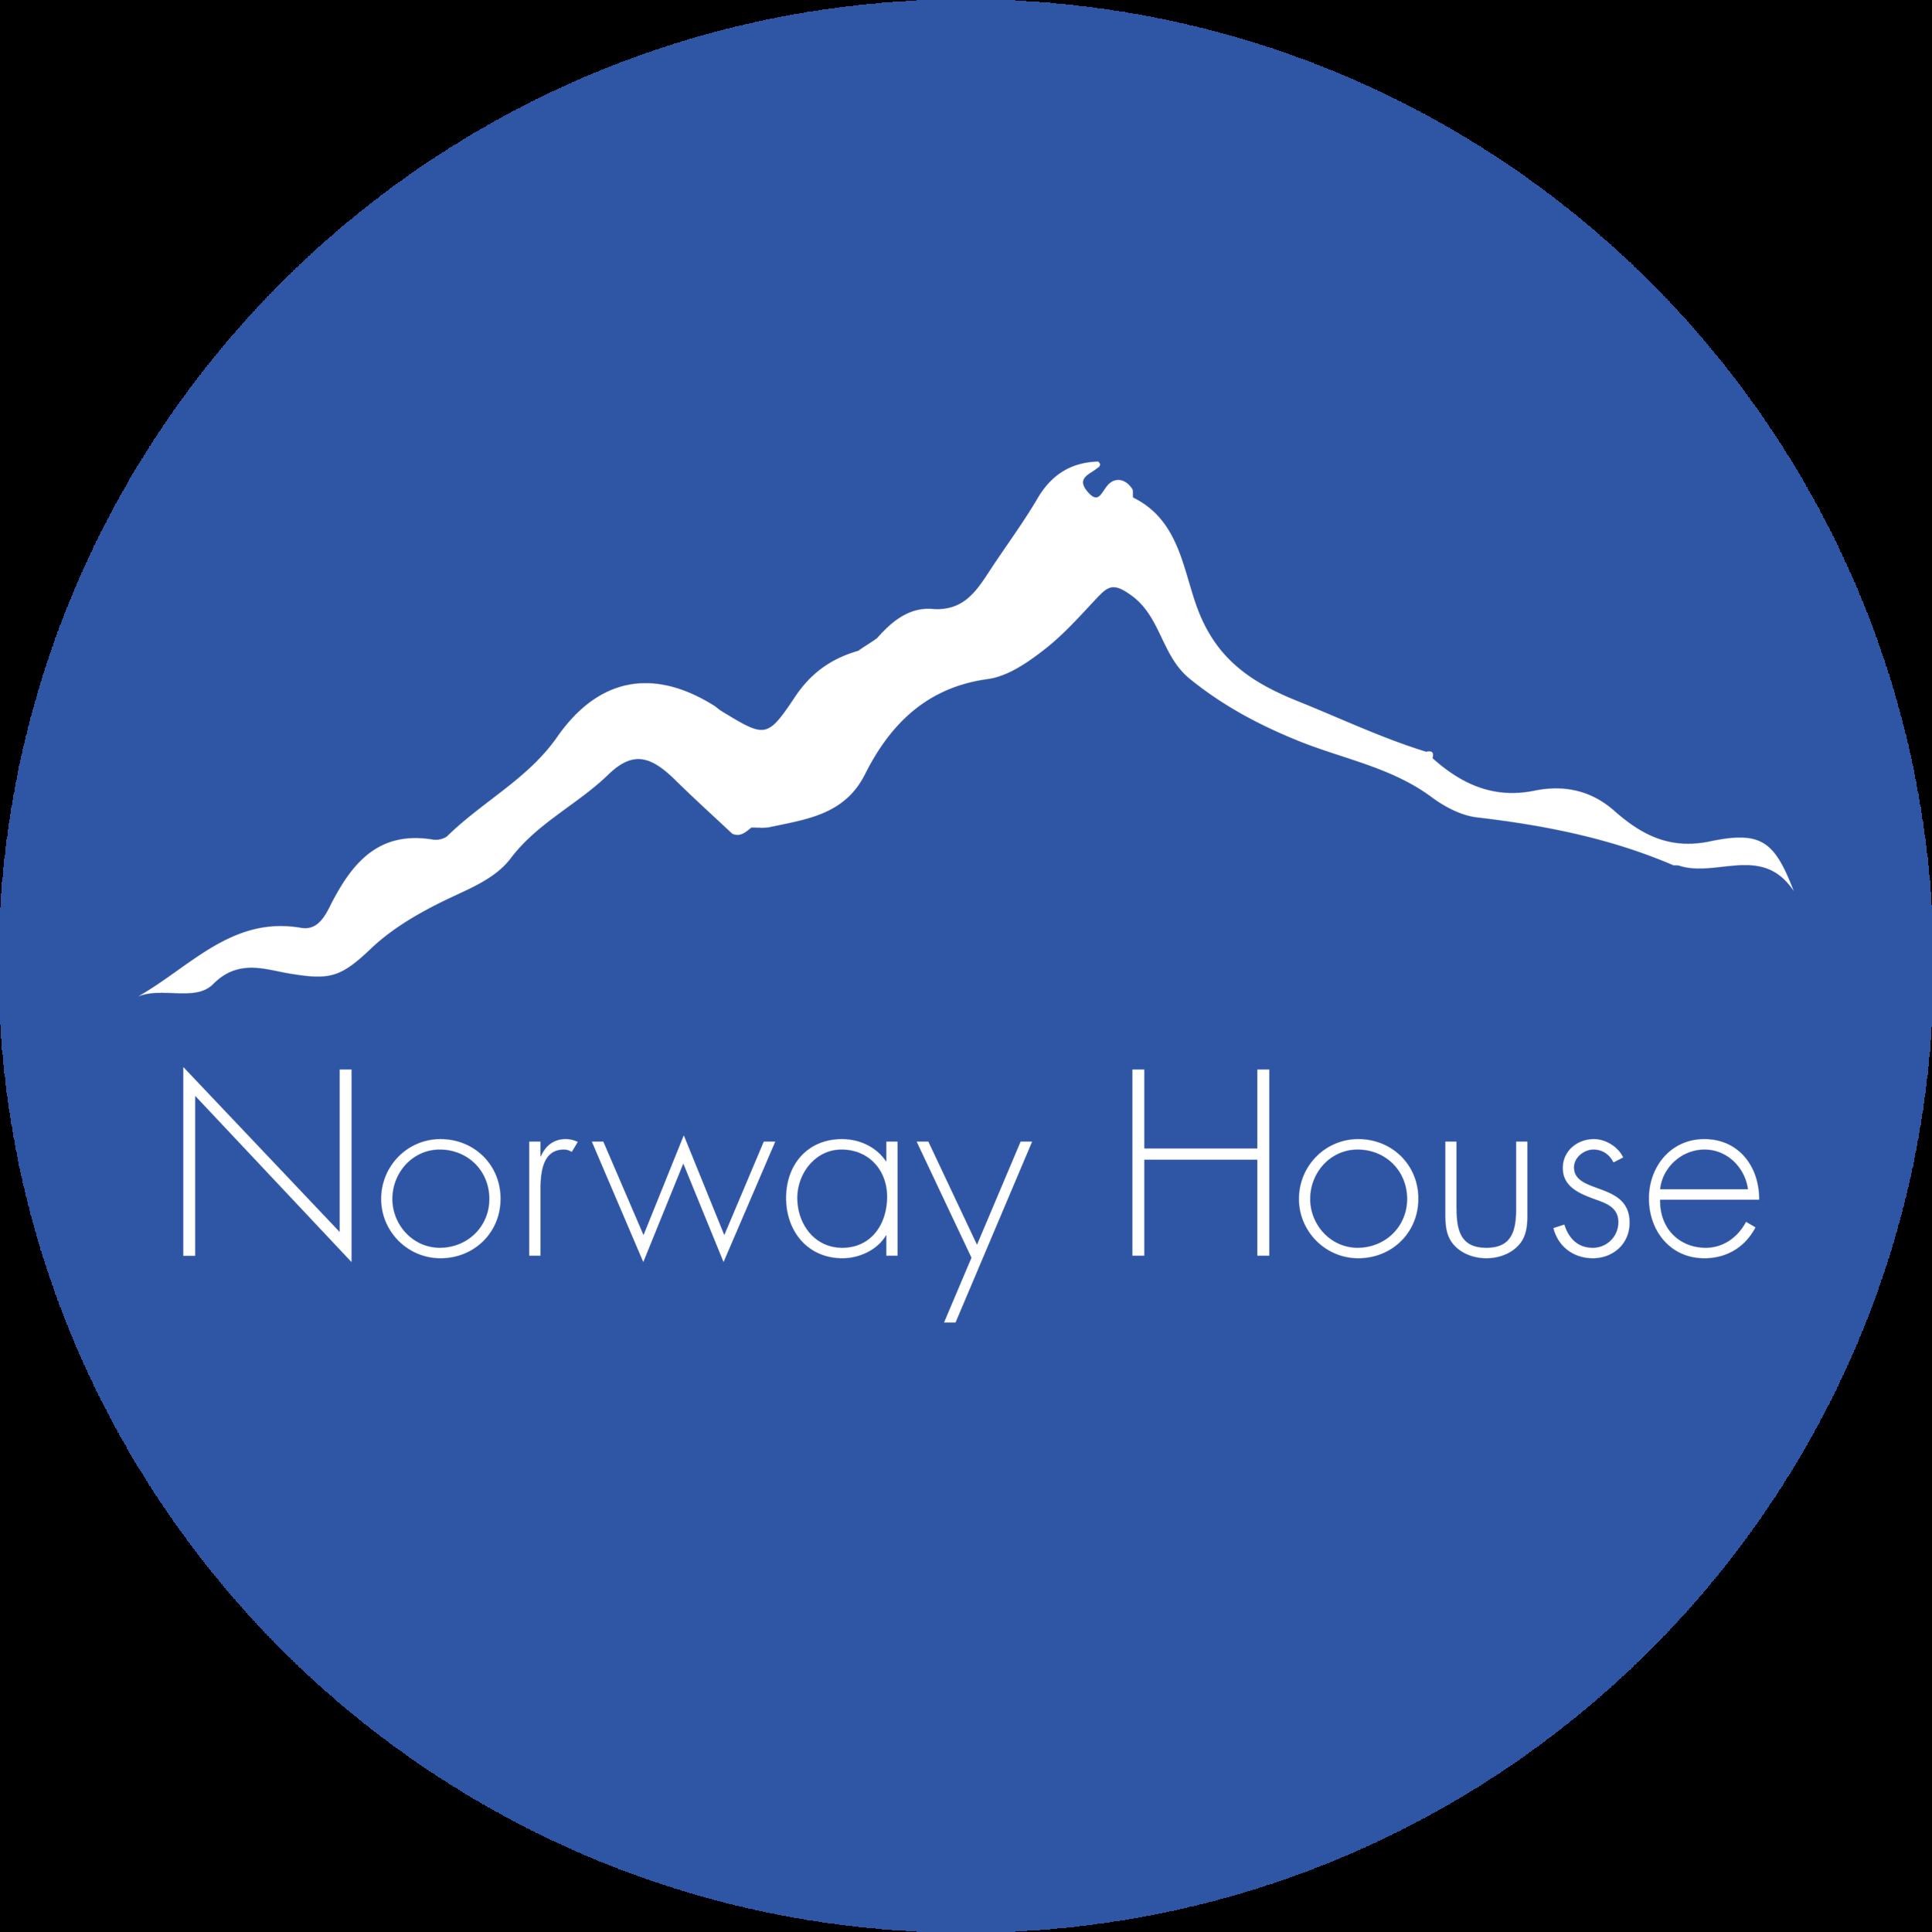 NorwayHouse_Logo_Circle_CMYK_15x15.png